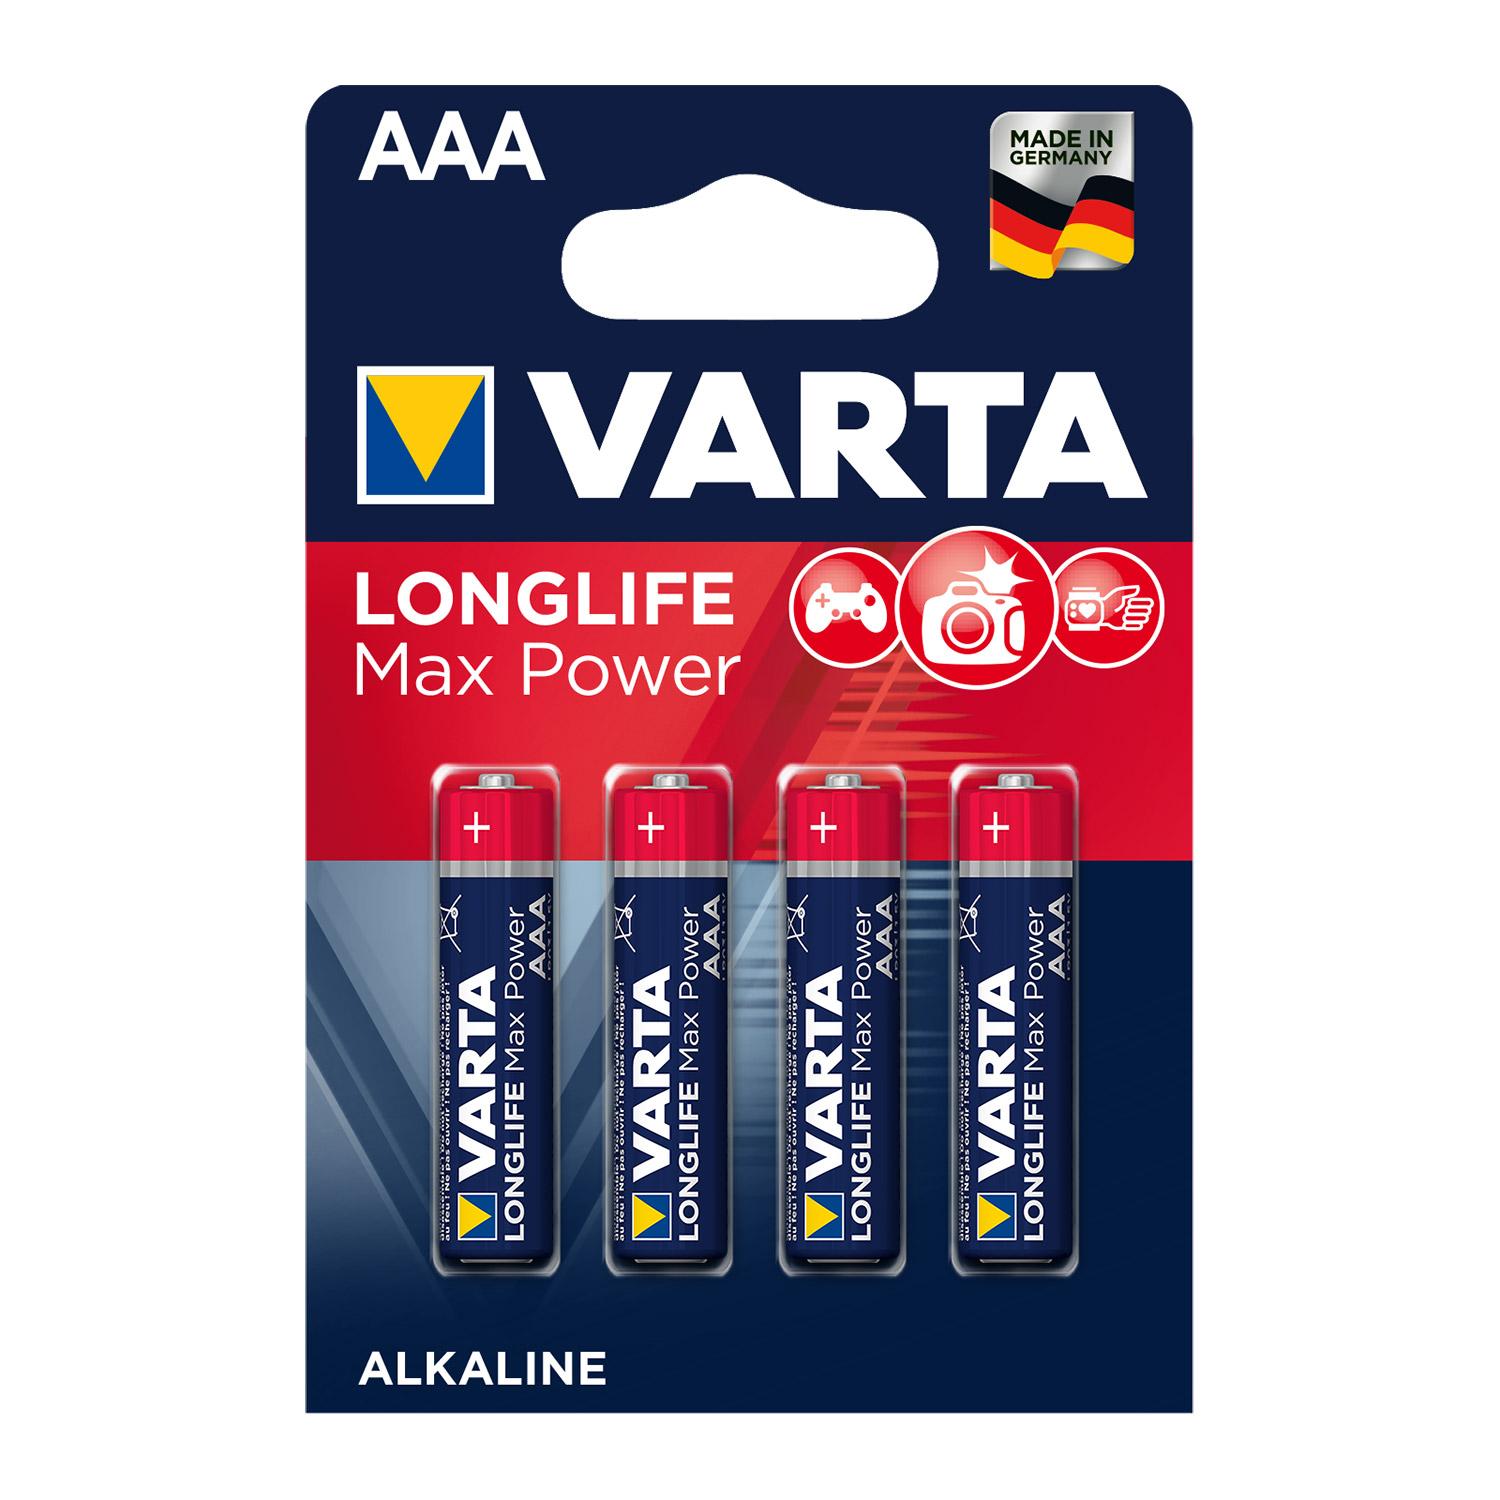 Afbeelding van Batterij AAA 4x Varta Alkaline Max Power